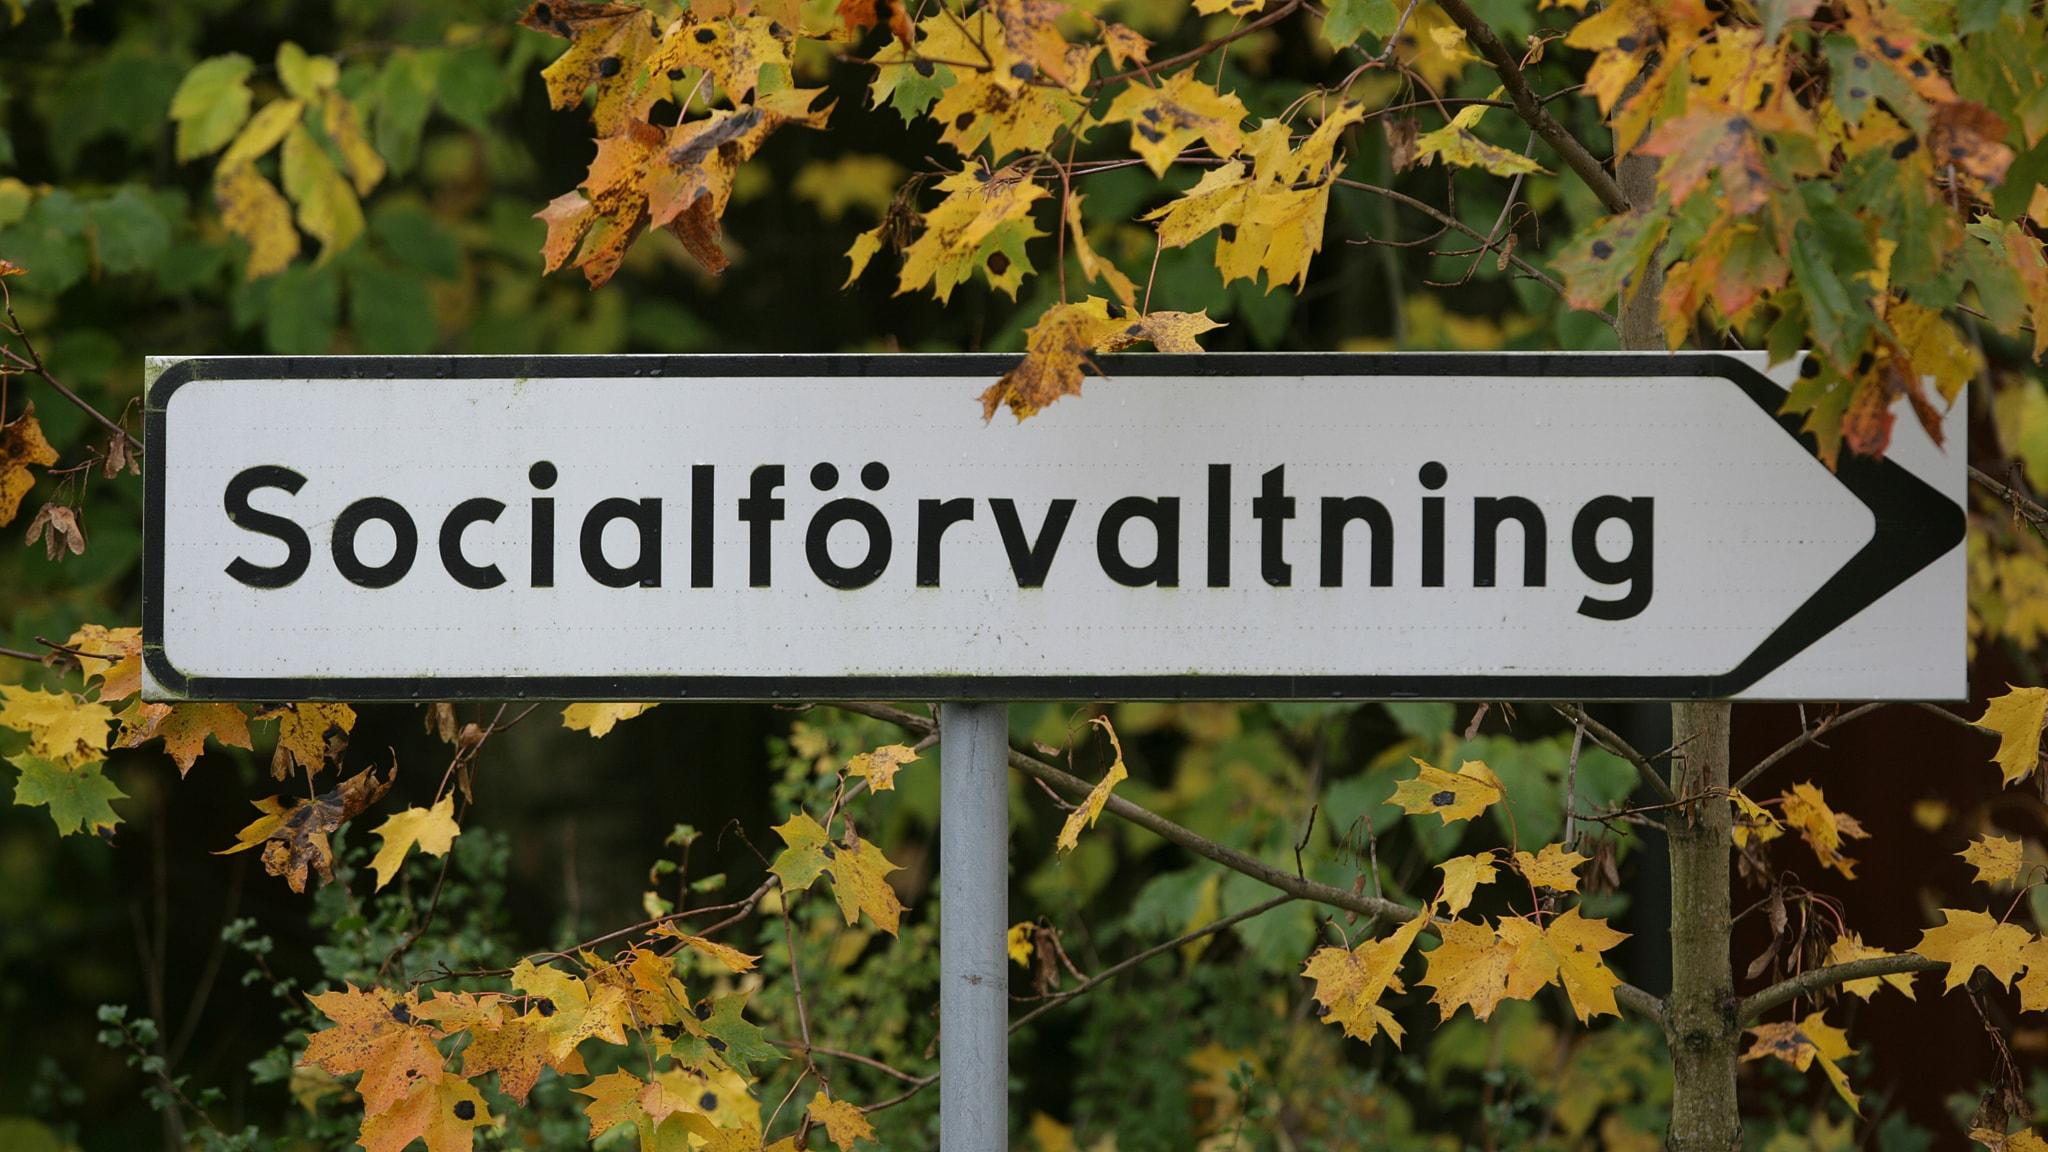 Kaliber fortsätter granskningen av socialtjänsten